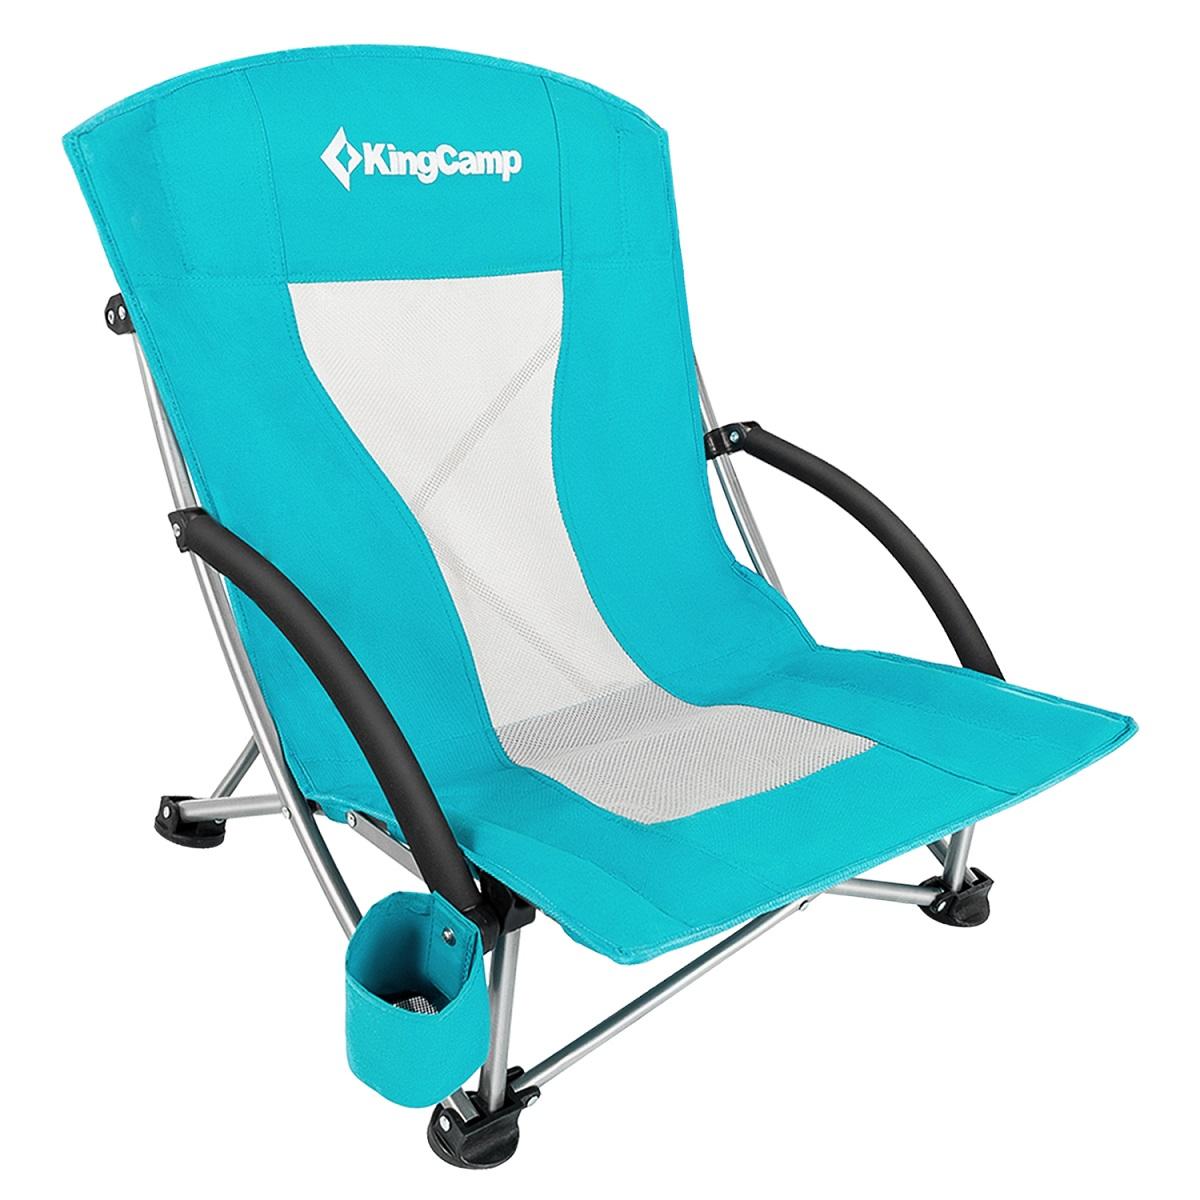 Kempingová skladacia stolička KING CAMP Deluxe s opierkami oceľ - tyrkysová